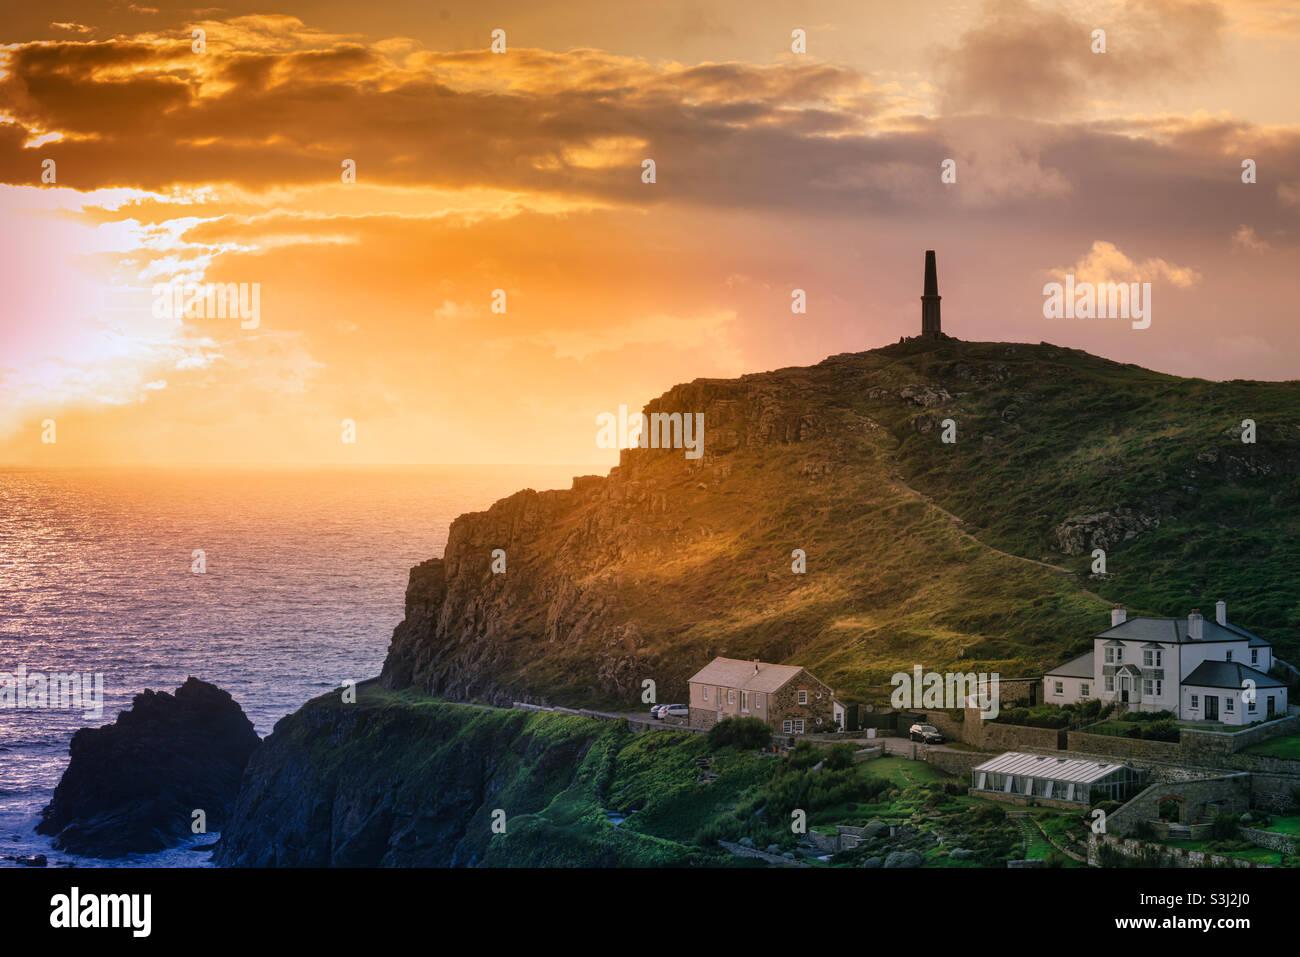 Cape Cornwall - Warten auf den Sonnenuntergang Stockfoto